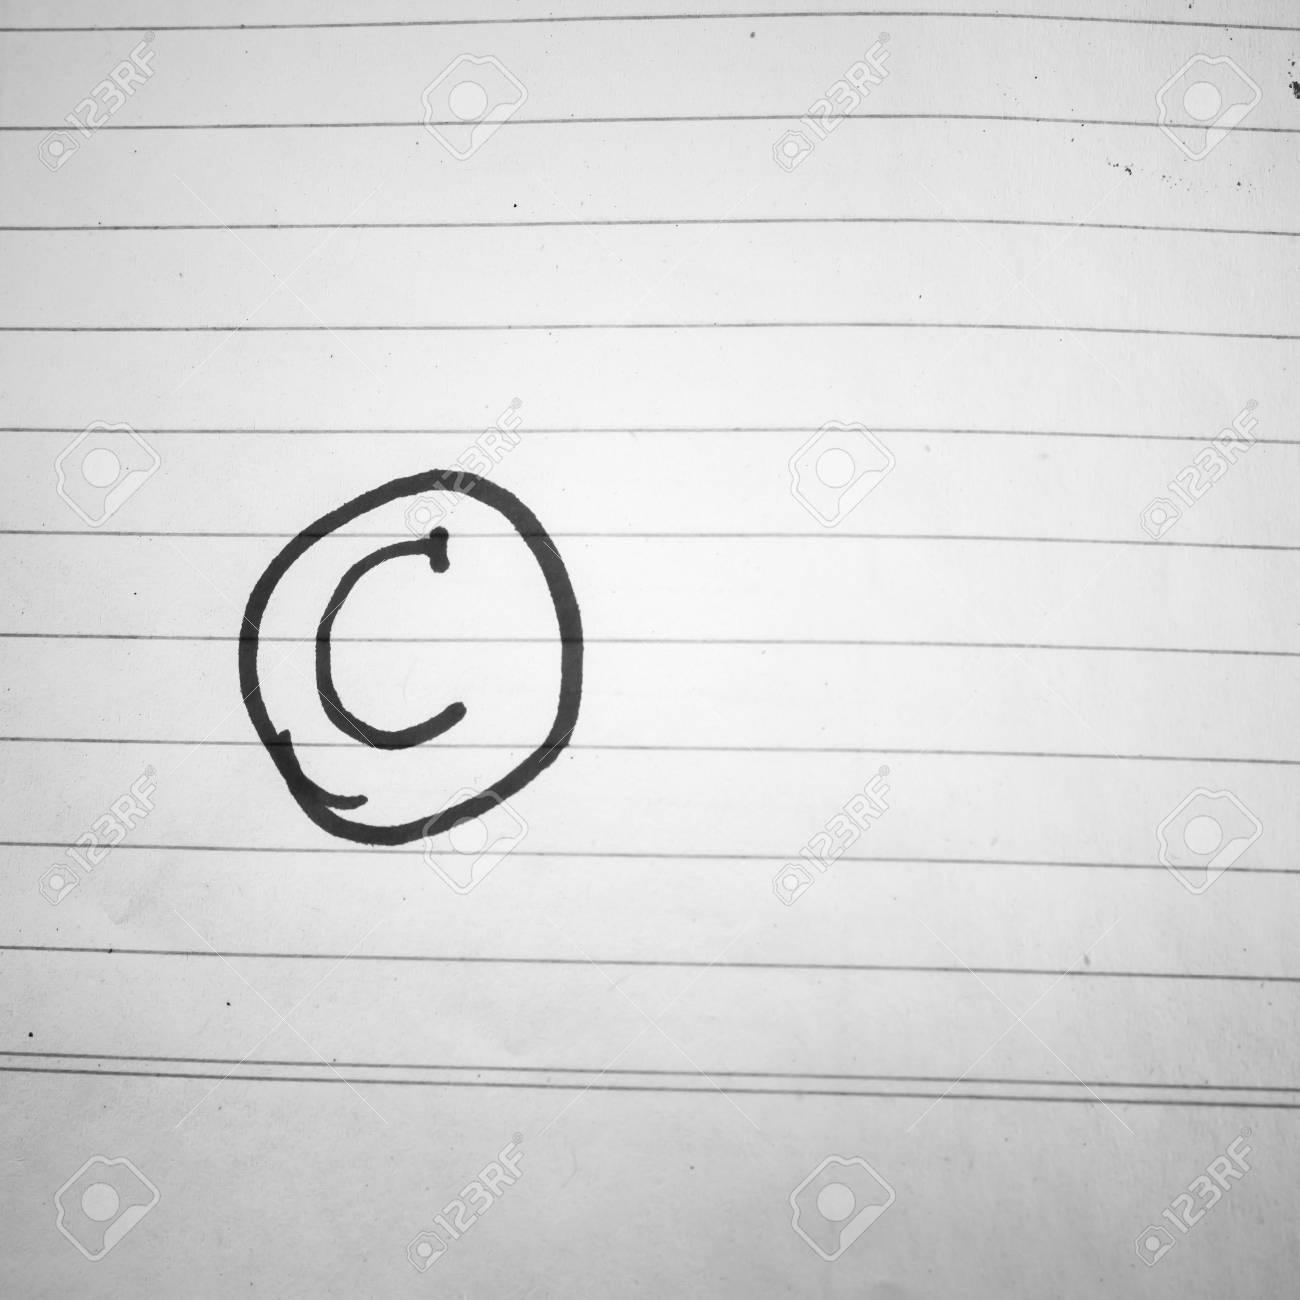 Klasse C Auf Linie Papier Schwarz-Weiß-Farbton Stil Lizenzfreie ...